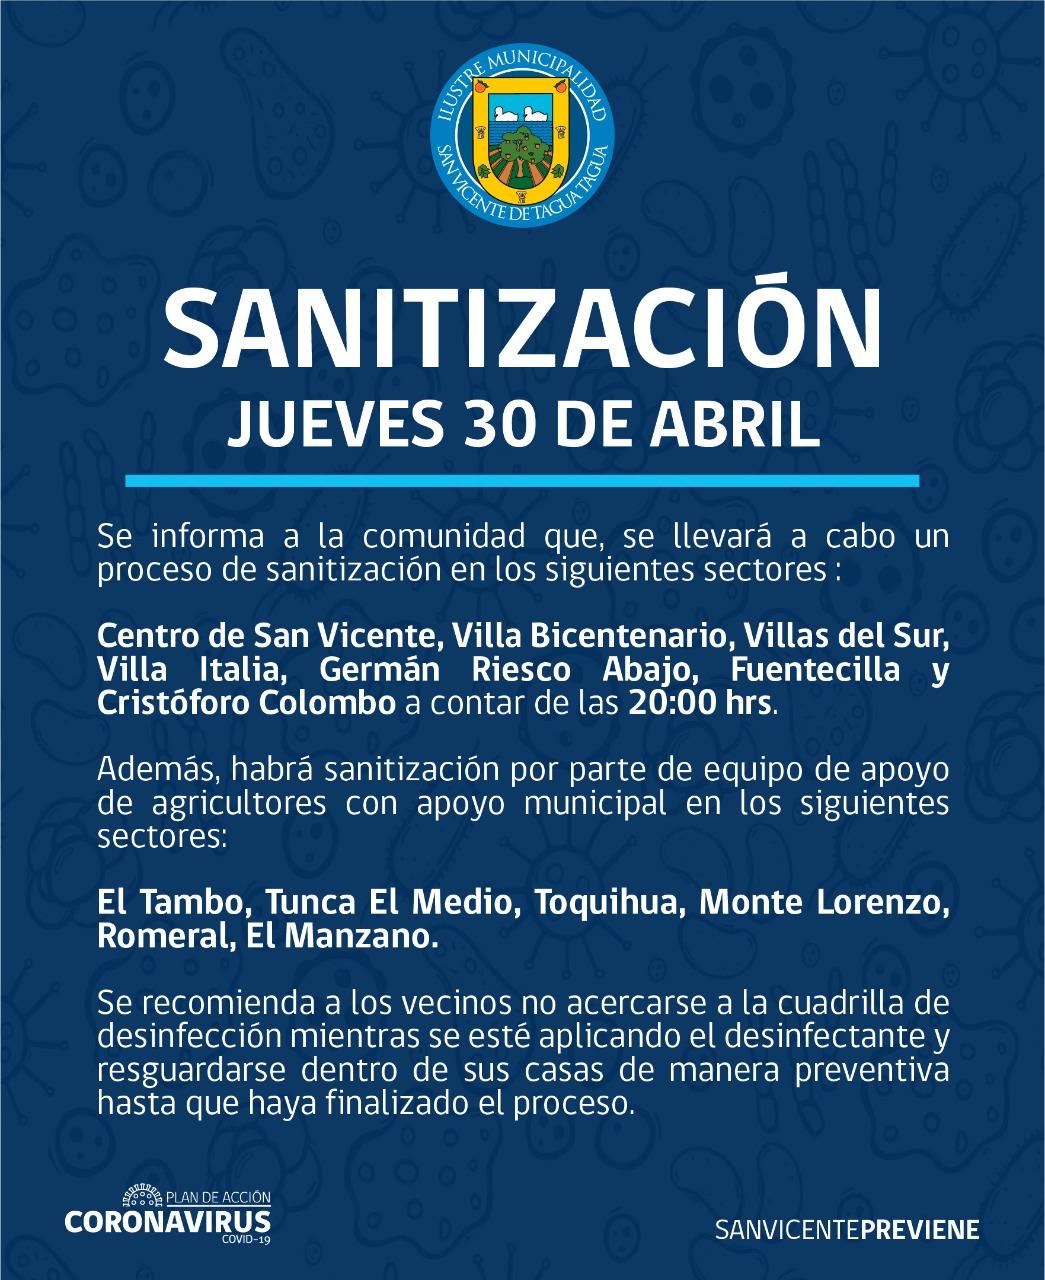 SE INFORMA SANITIZACIÓN PROGRAMADA PARA HOY JUEVES 30 DE ABRIL